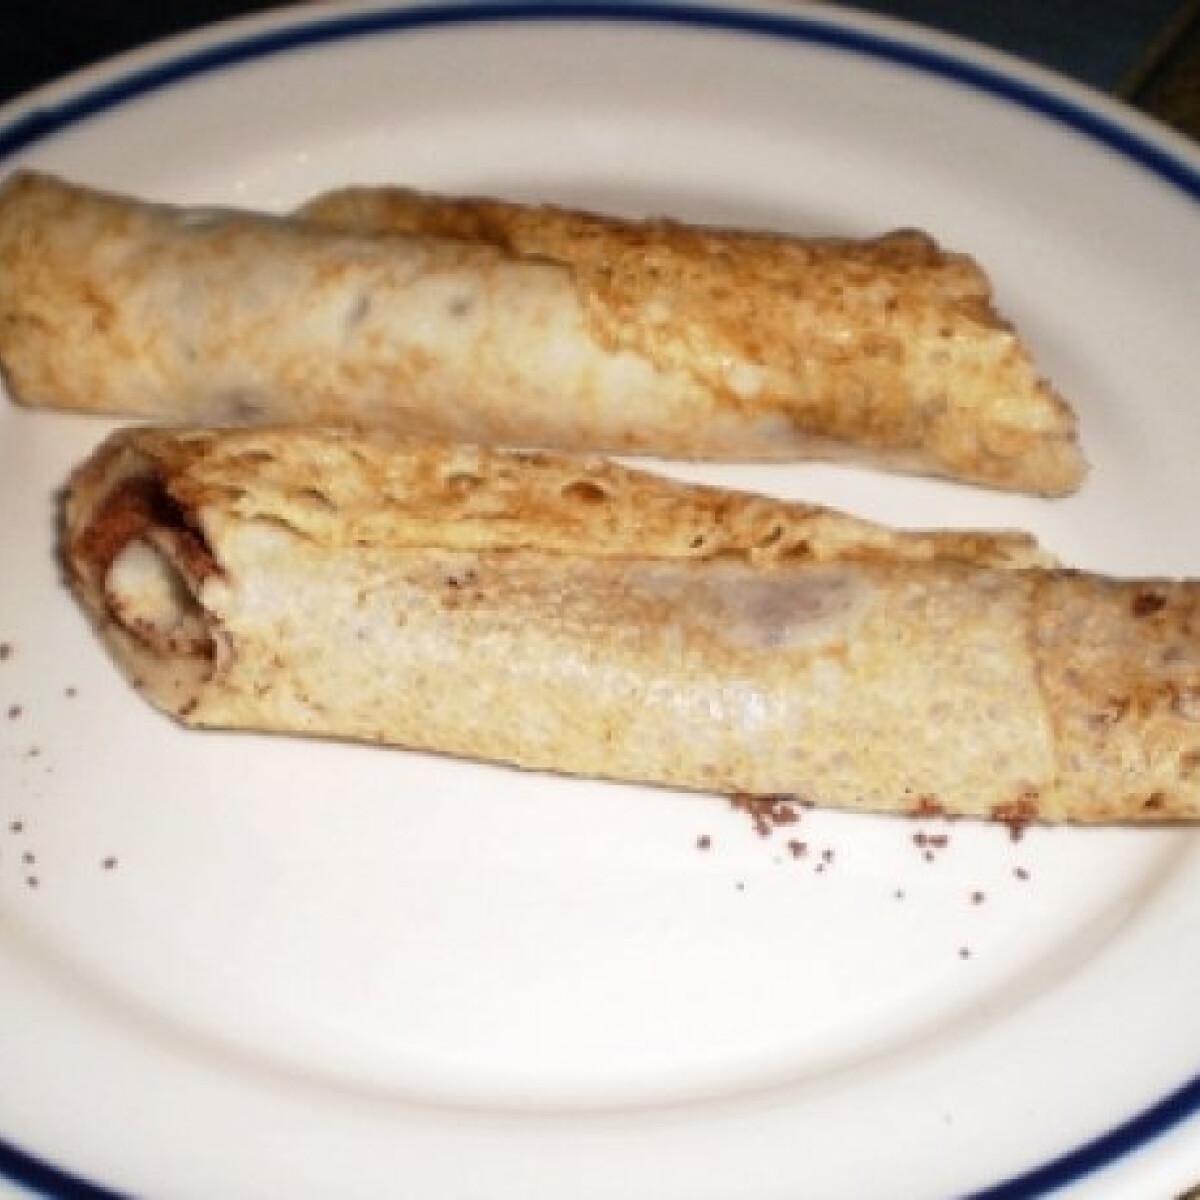 Ezen a képen: Gluténmentes palacsinta Midna konyhájából